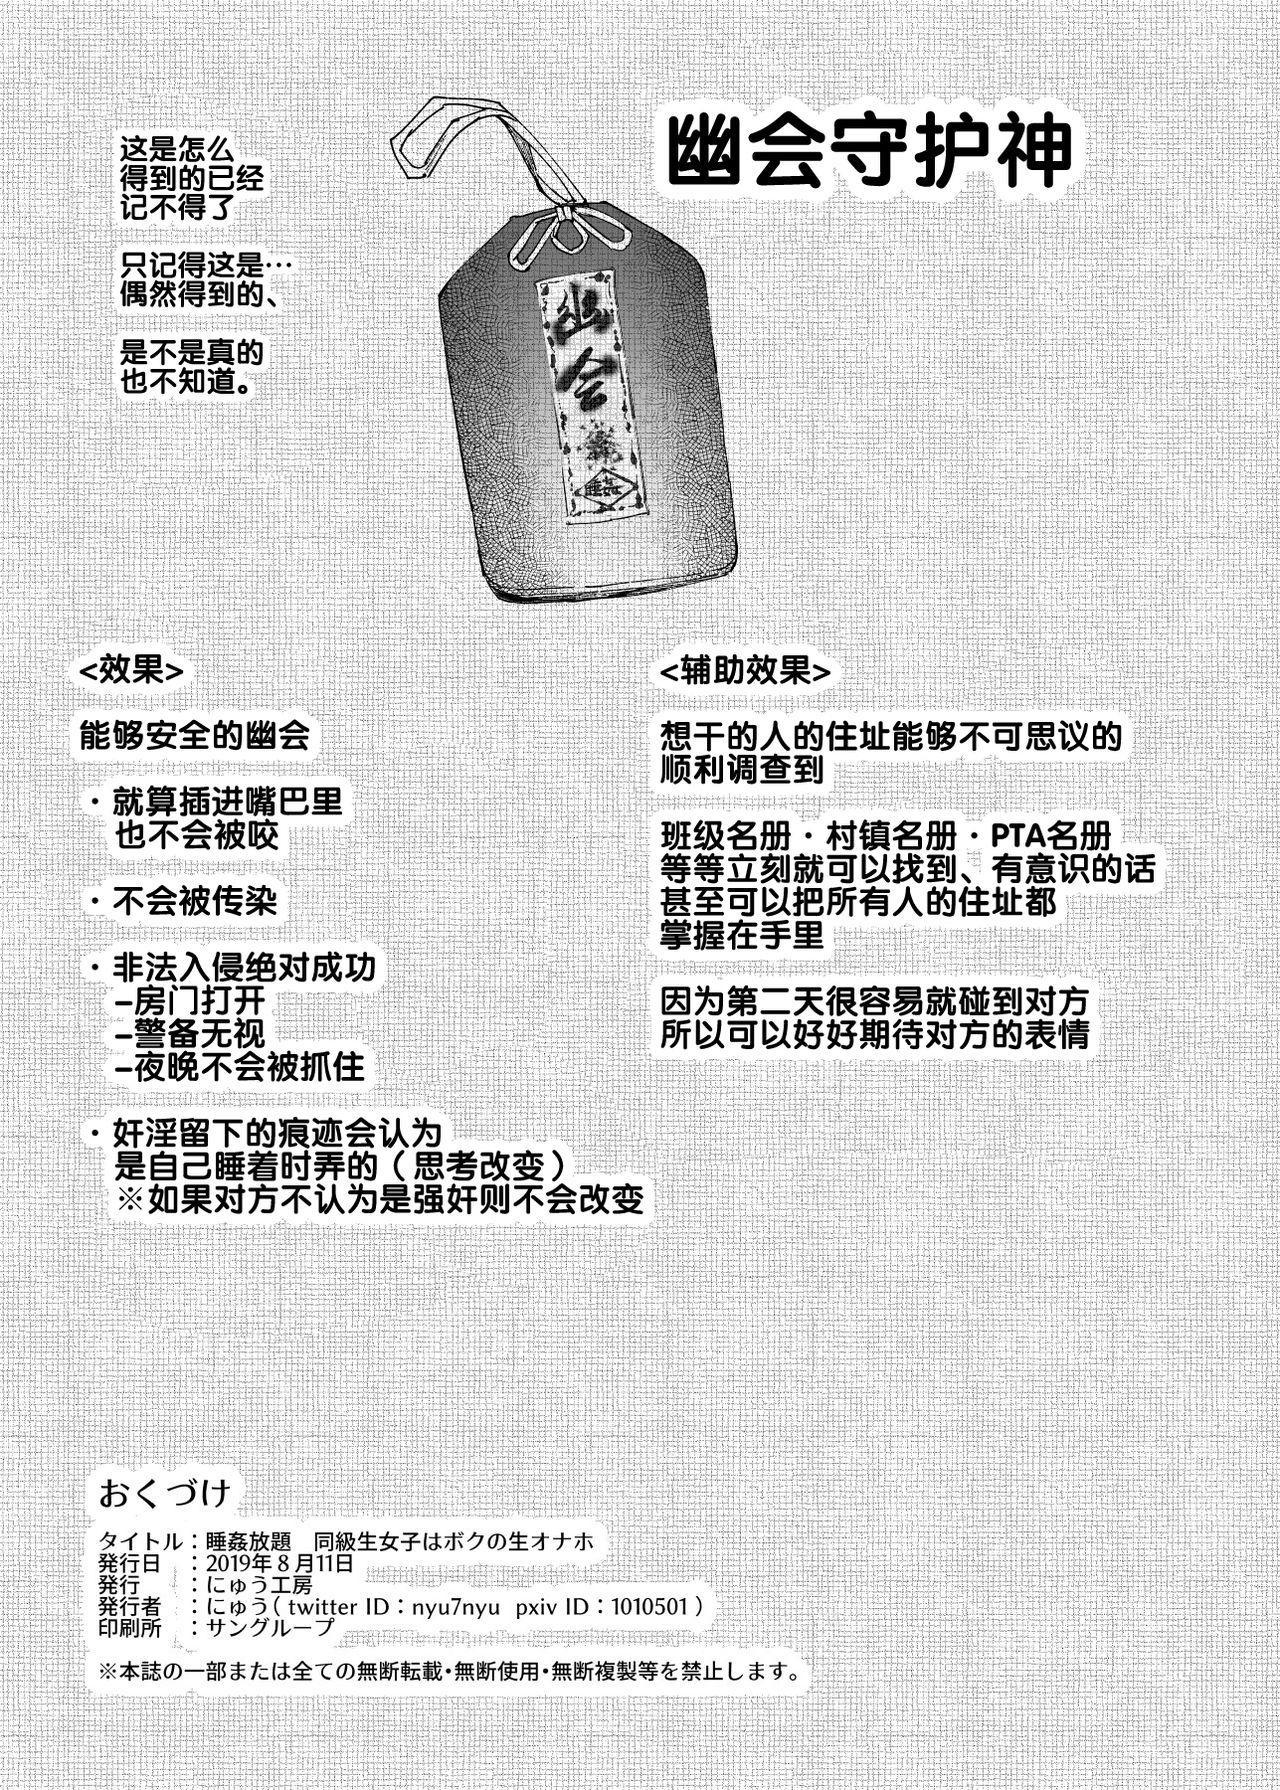 Suikan Houdai - Doukyuusei Joshi wa Boku no Nama Onaho 44